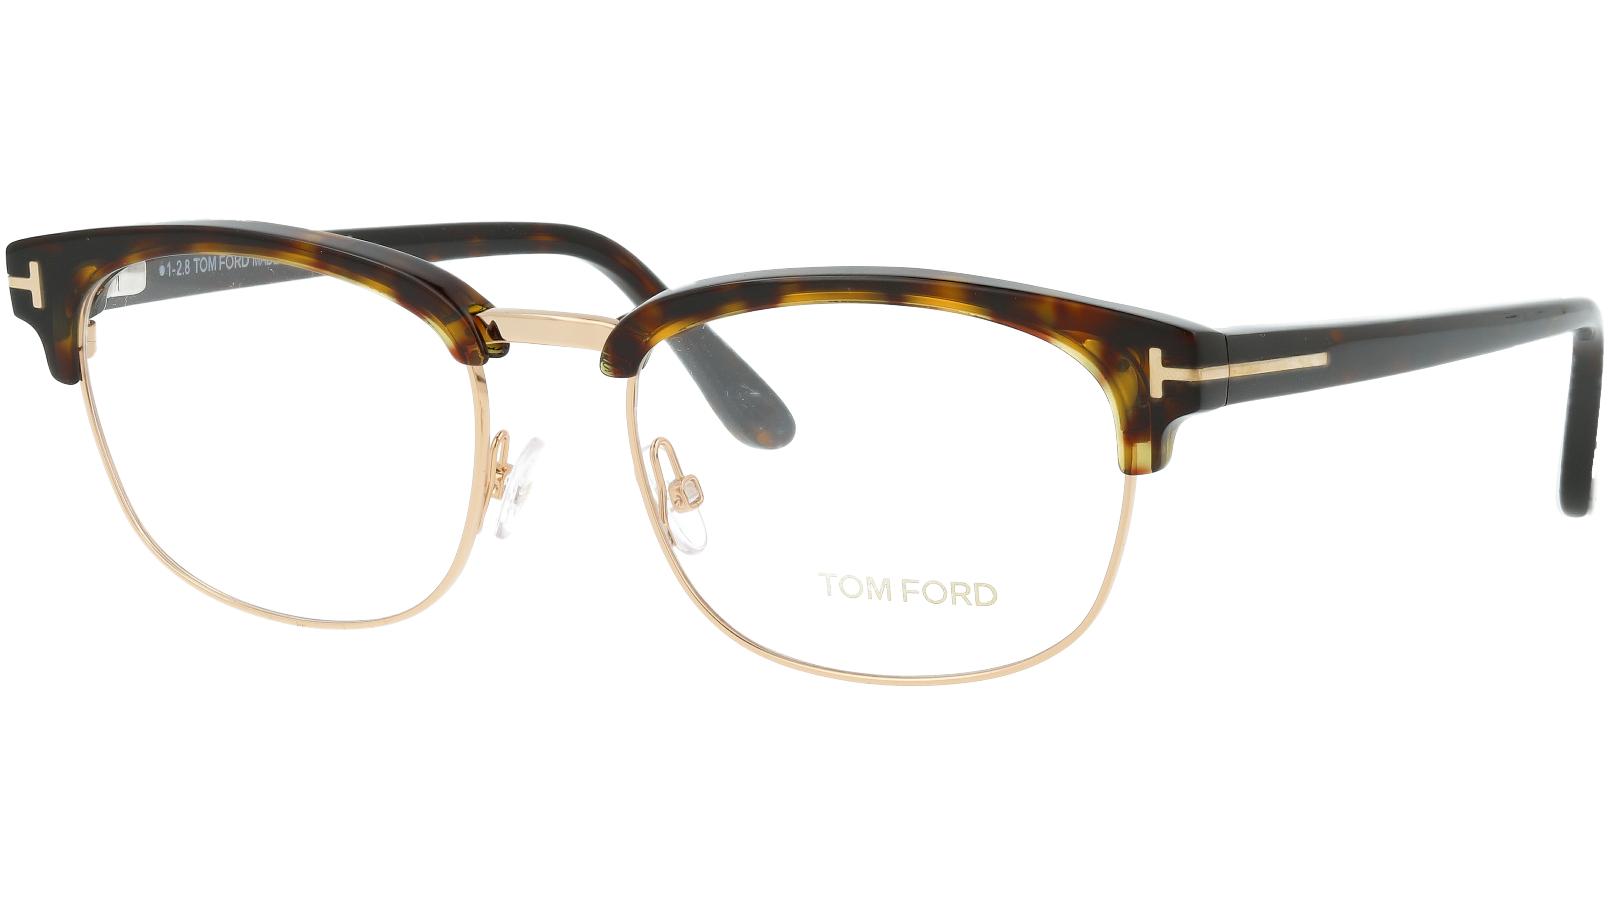 TOM FORD FT5458 052 53 HAVANA Glasses